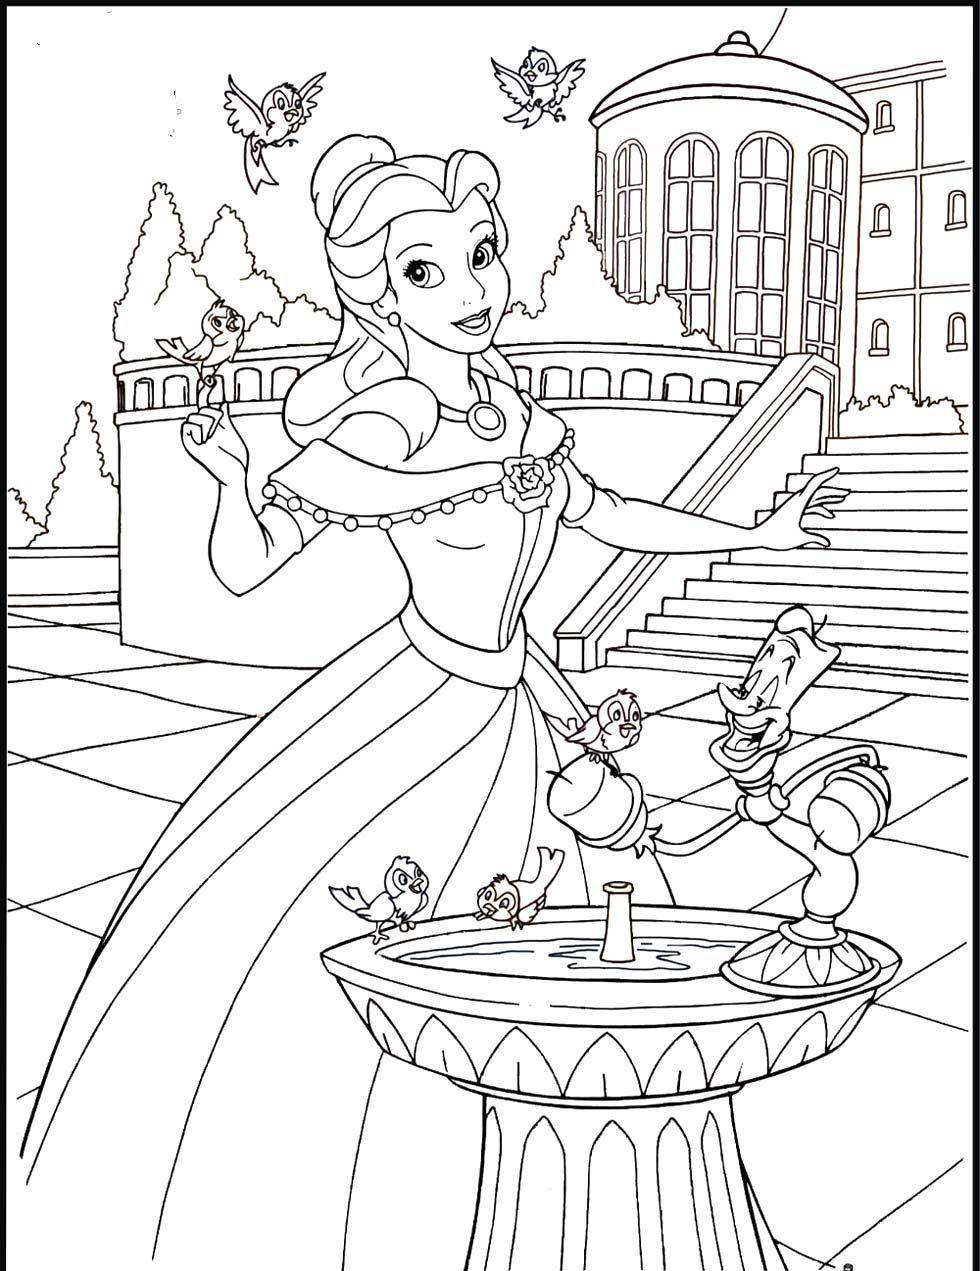 Prinzessin Und Prinz Ausmalbilder (Mit Bildern bei Ausmalbilder Von Prinzessinnen